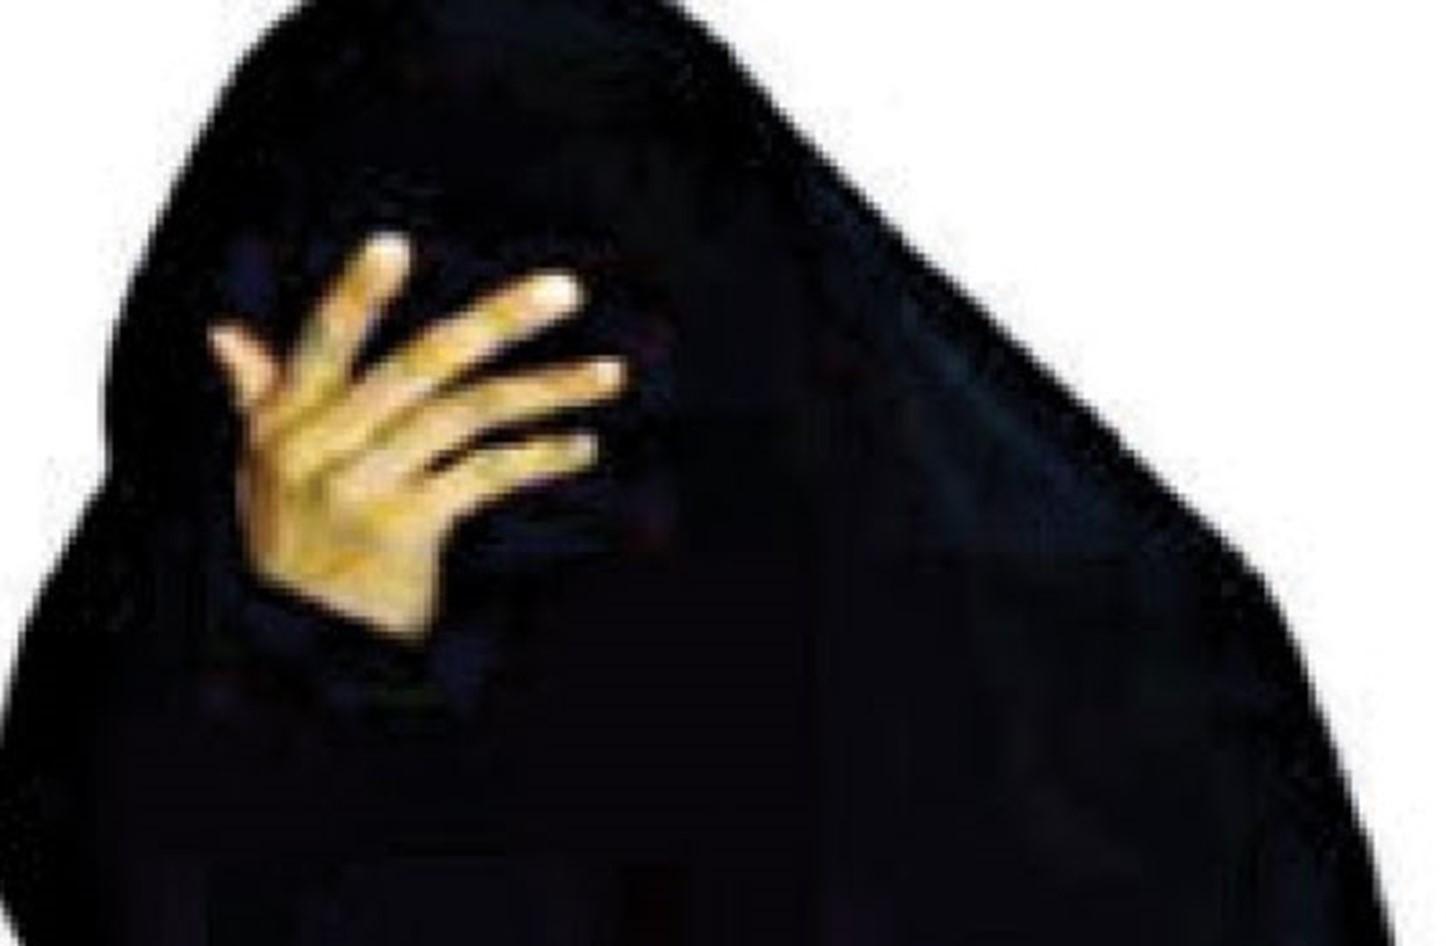 سيدة ستينية تناشد أهل الخير للوقوف الى جانبها  ..  فمن يدخل الفرحة على قلبها قبل العيد؟